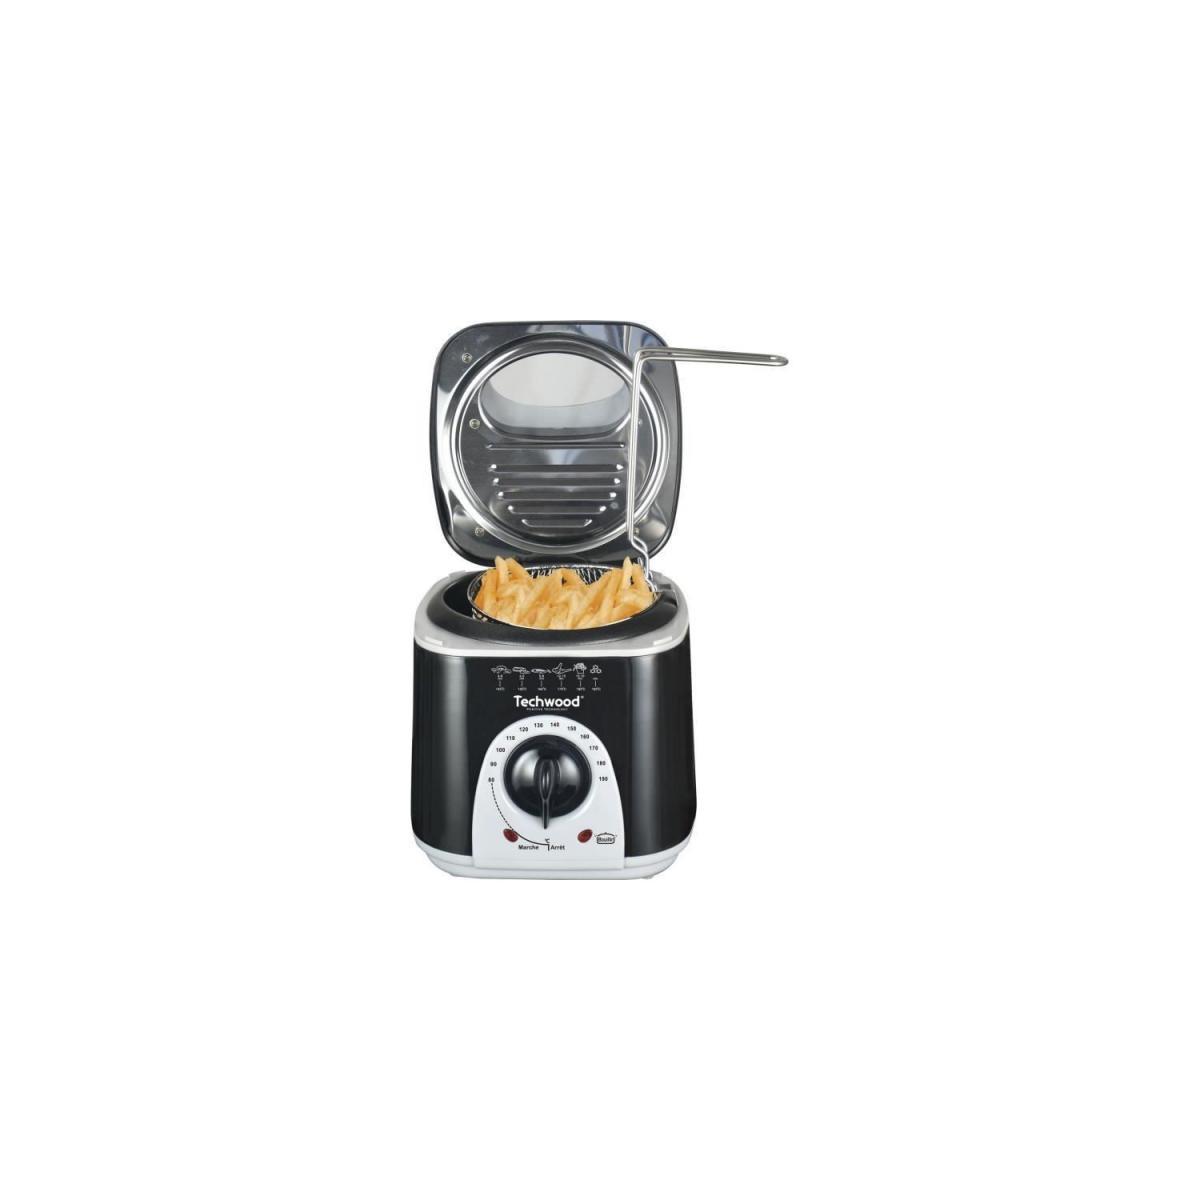 Techwood TECHWOOD Mini Friteuse et Appareil a fondu - 950 W - Noir